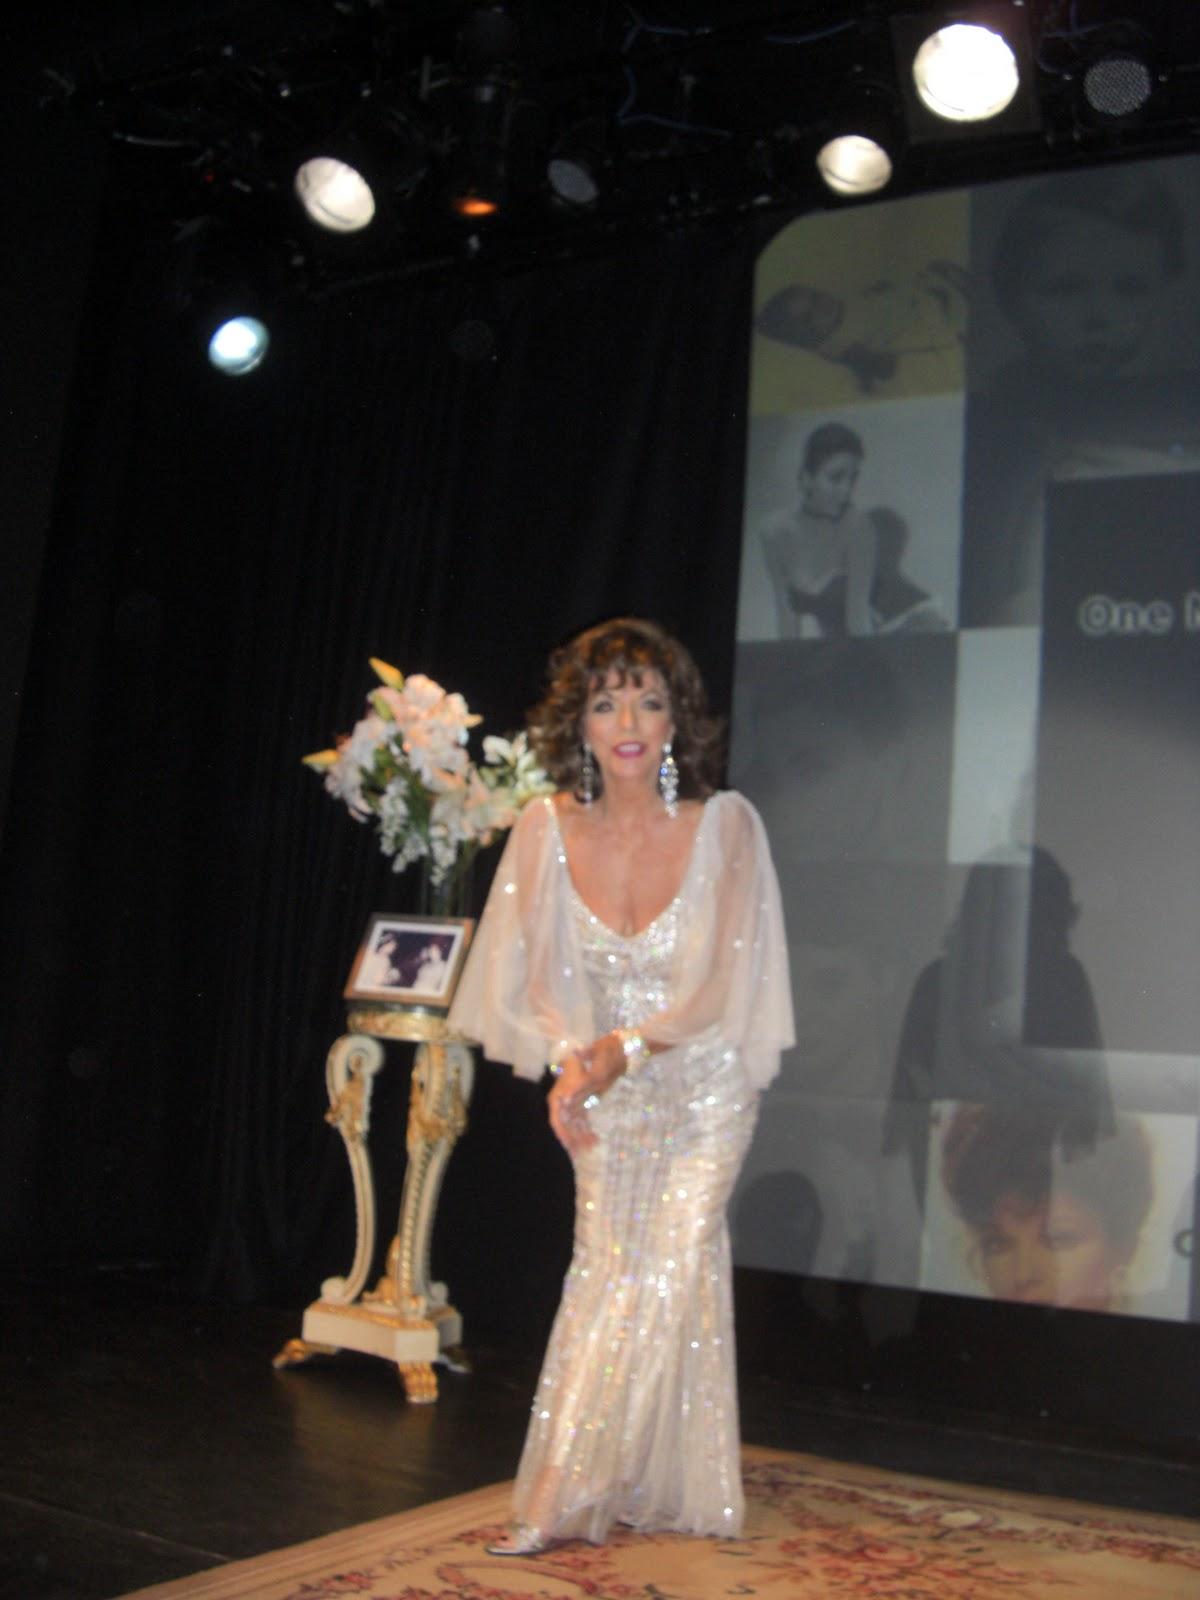 http://3.bp.blogspot.com/-Q_Yx8xsGEKk/TooN0Rmt64I/AAAAAAAAGm8/3sb0jP11WL4/s1600/1+joan+show+22.jpg